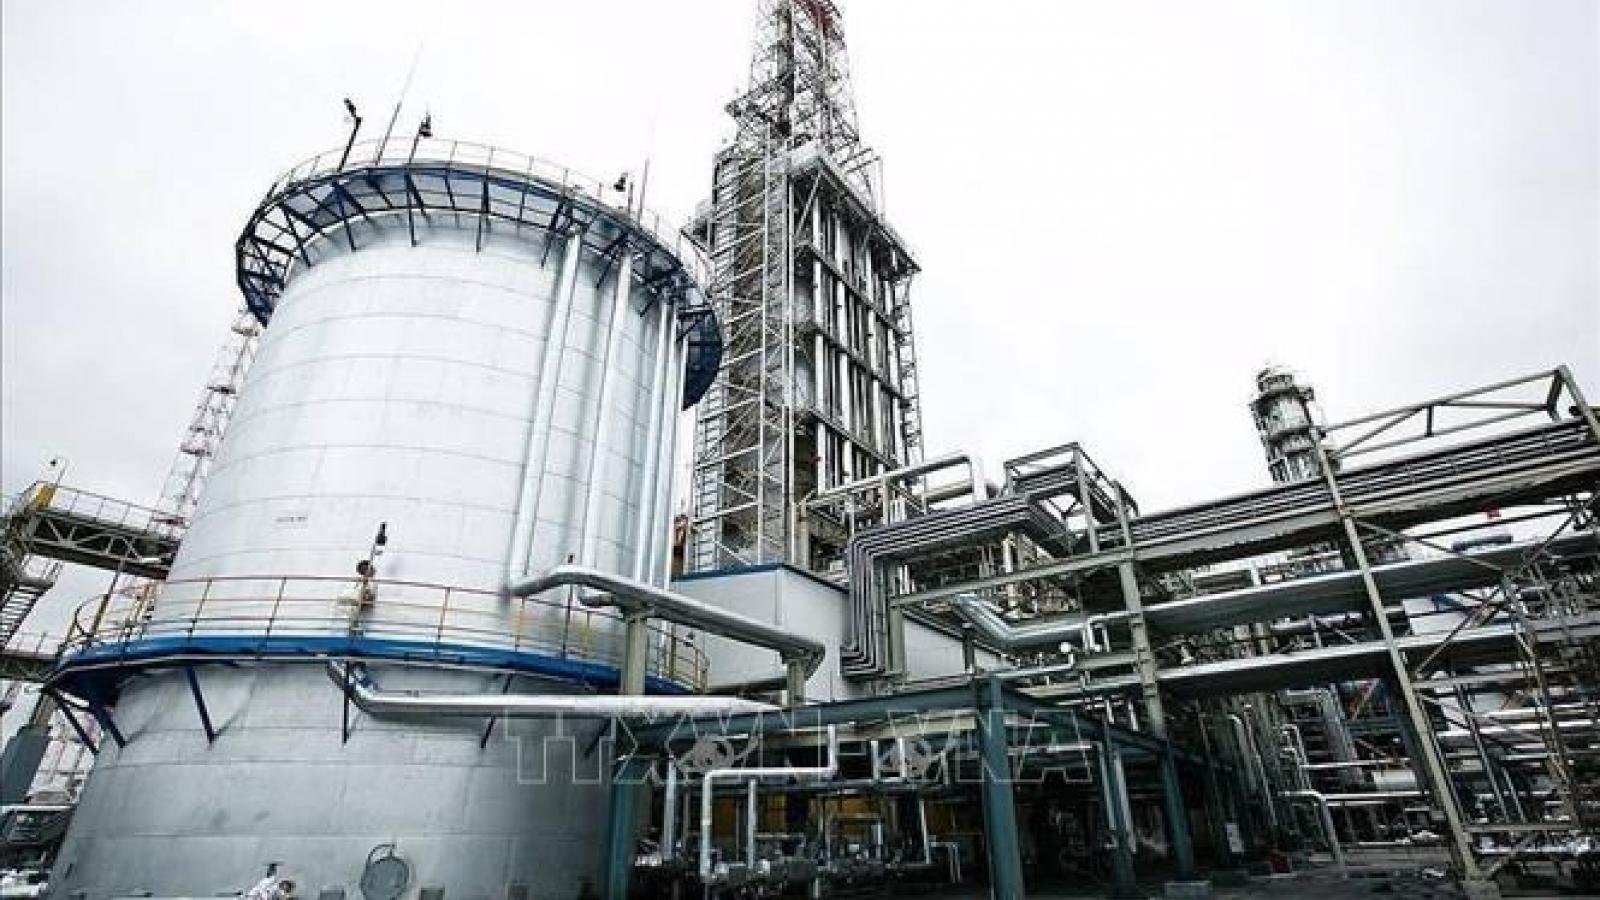 Giá dầu thế giới chạm mức cao nhất trong nhiều năm qua